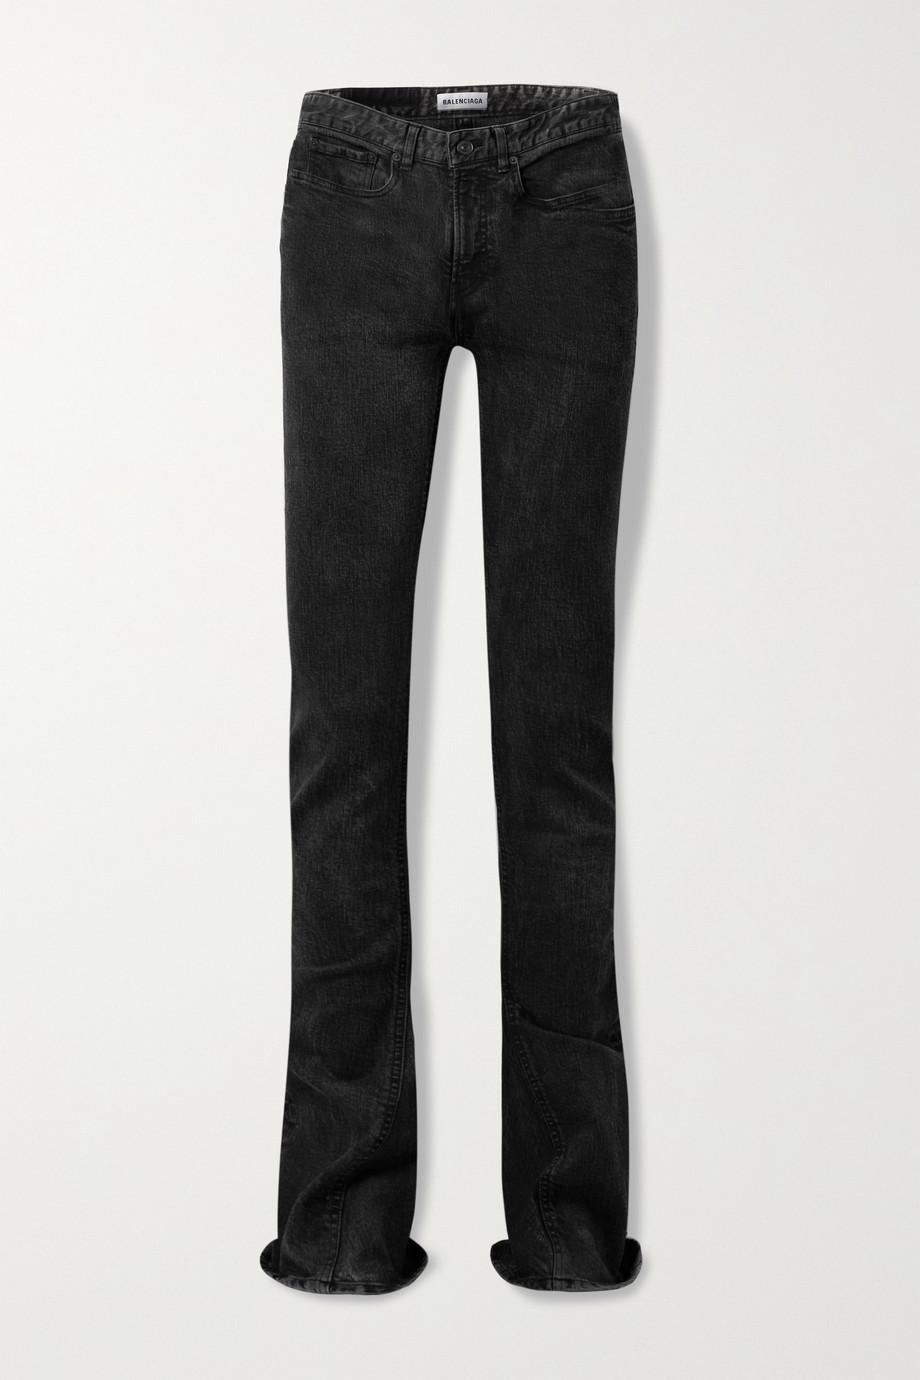 Balenciaga Mid-rise flared jeans